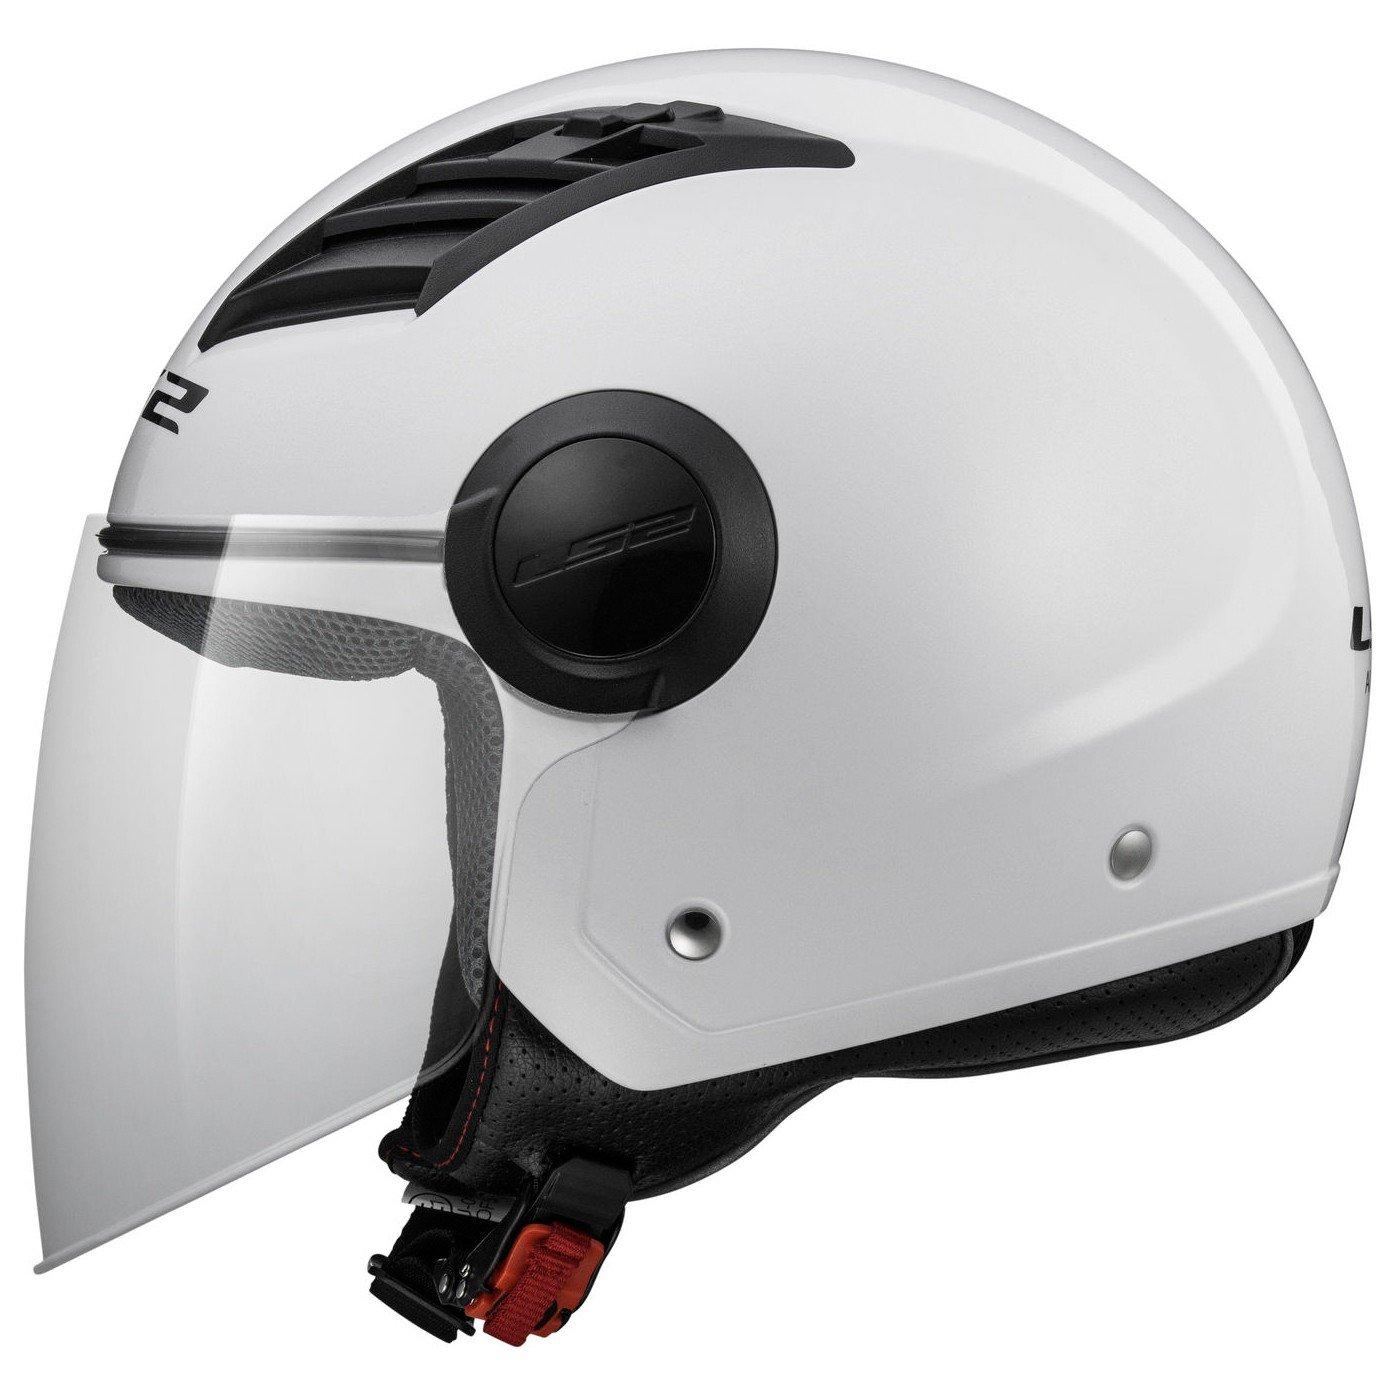 Casco abierto para moto LS2 Airflow L blanco brillo (L): Amazon.es: Coche y moto